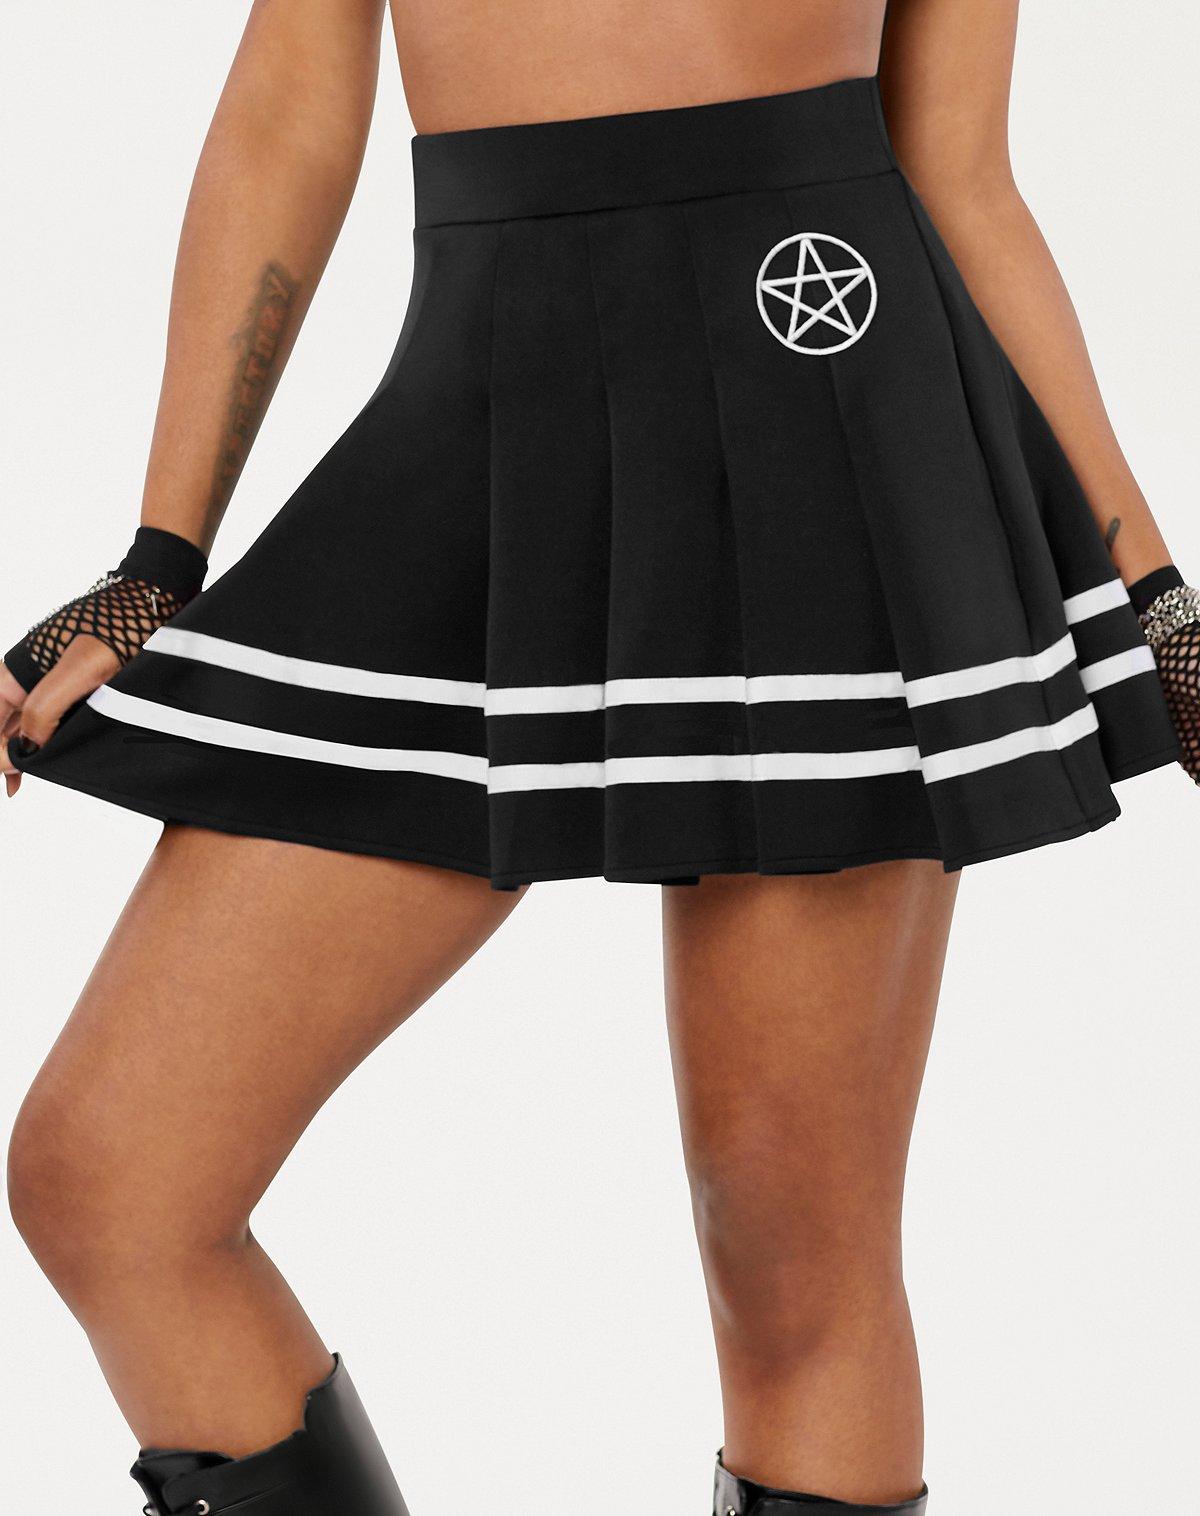 Pentagram Cheer Skirt